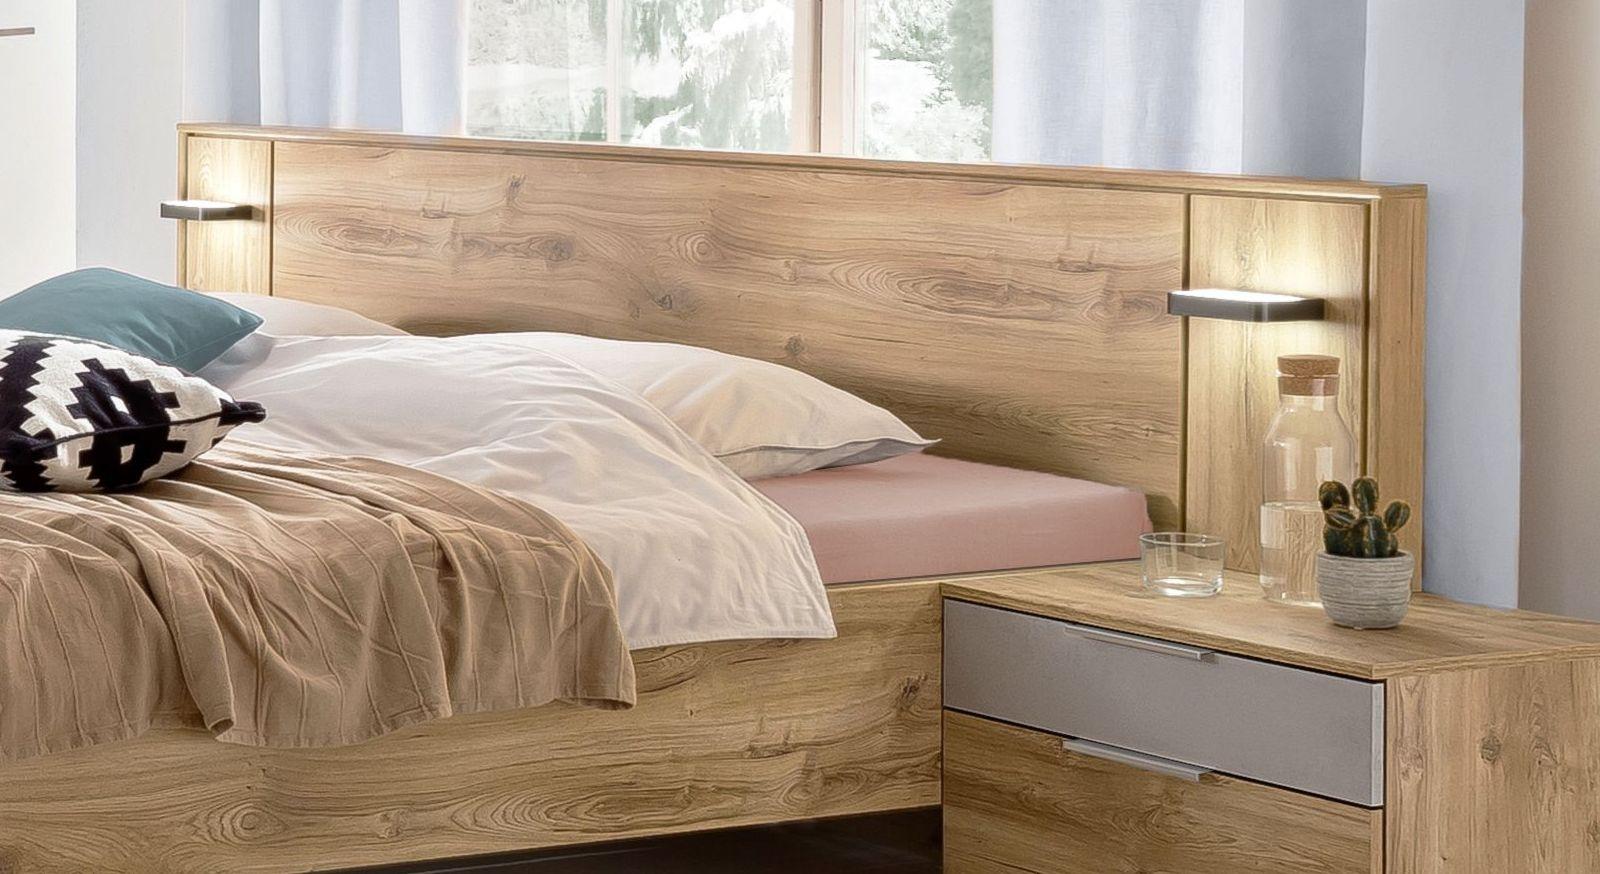 bett schwebend in plankeneiche dekor mit beleuchtung pomona. Black Bedroom Furniture Sets. Home Design Ideas